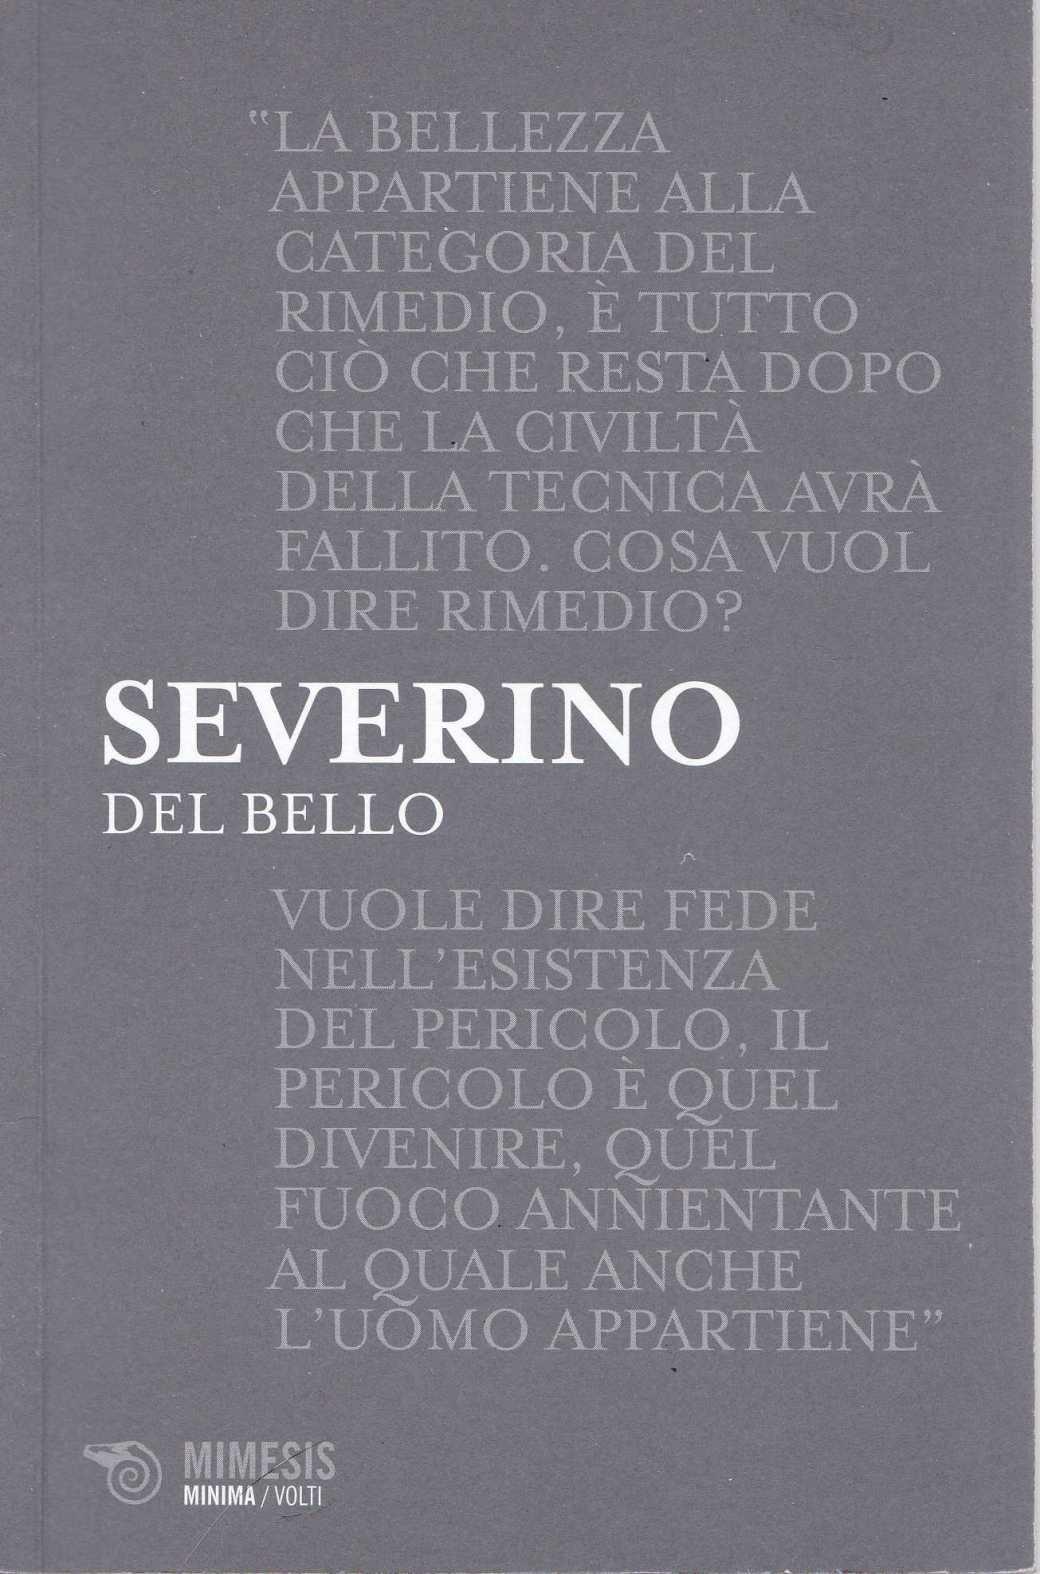 SEVERINO MIMESIS1894